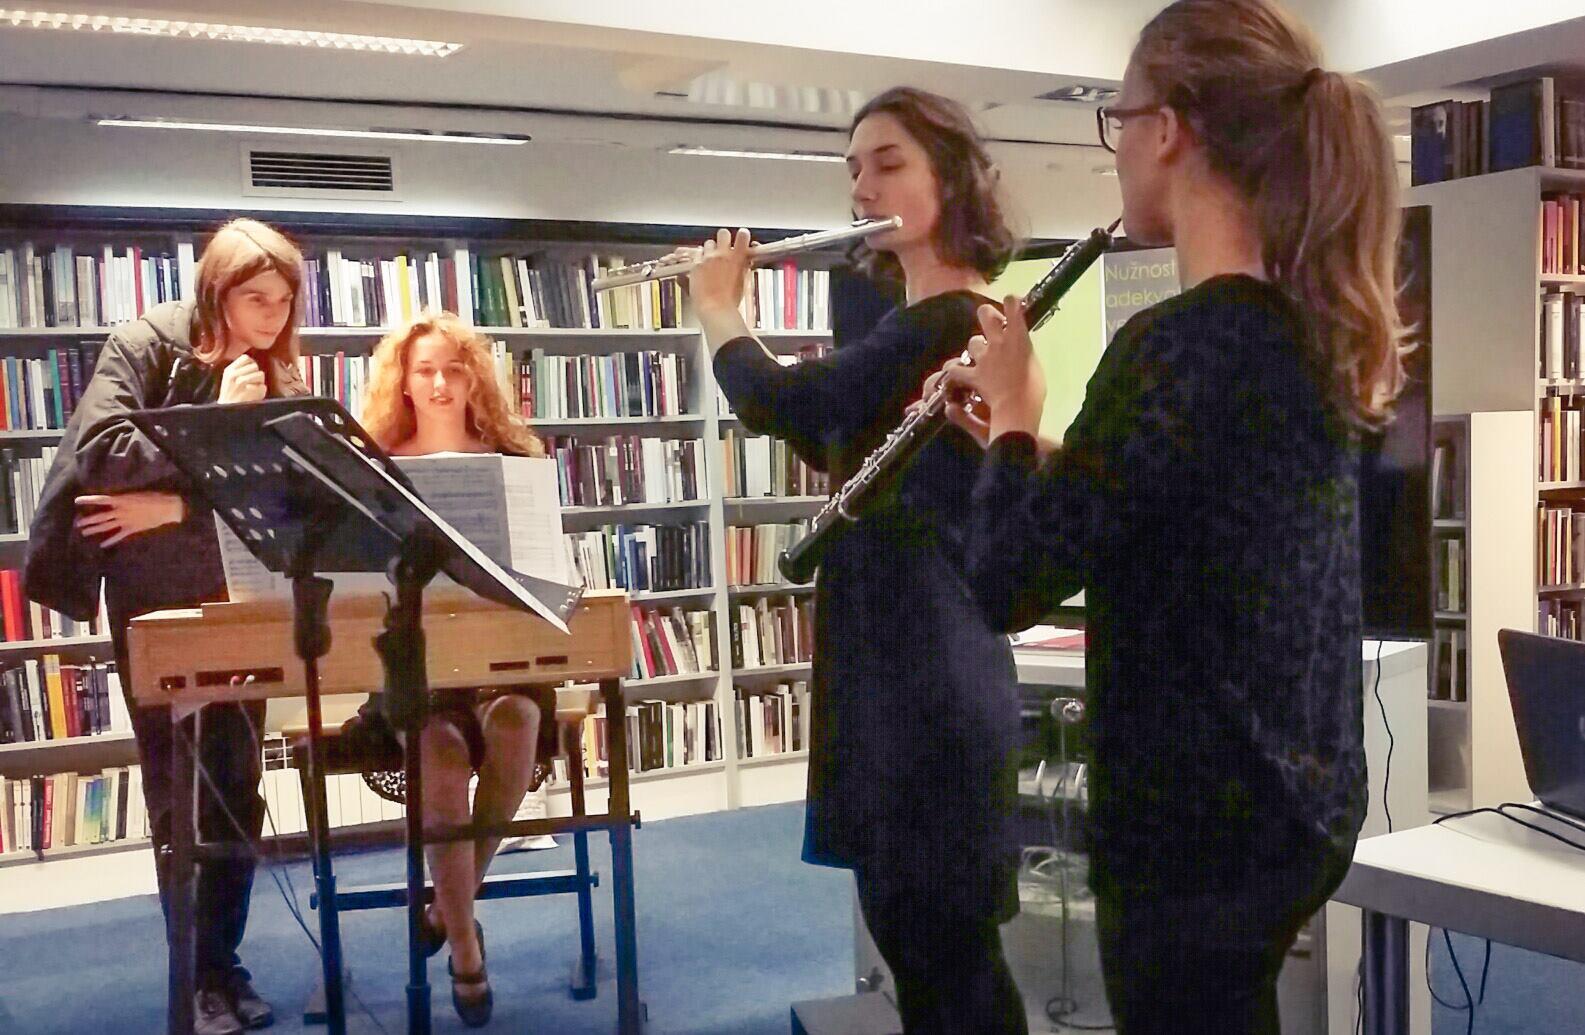 S lijeva na desno: Nikola (asistent), Tea Kulaš (orgulje), Ivana Kovačević (flauta) i Marta Meštrović (oboa) Svjetlozapisao: Mladen Ergić